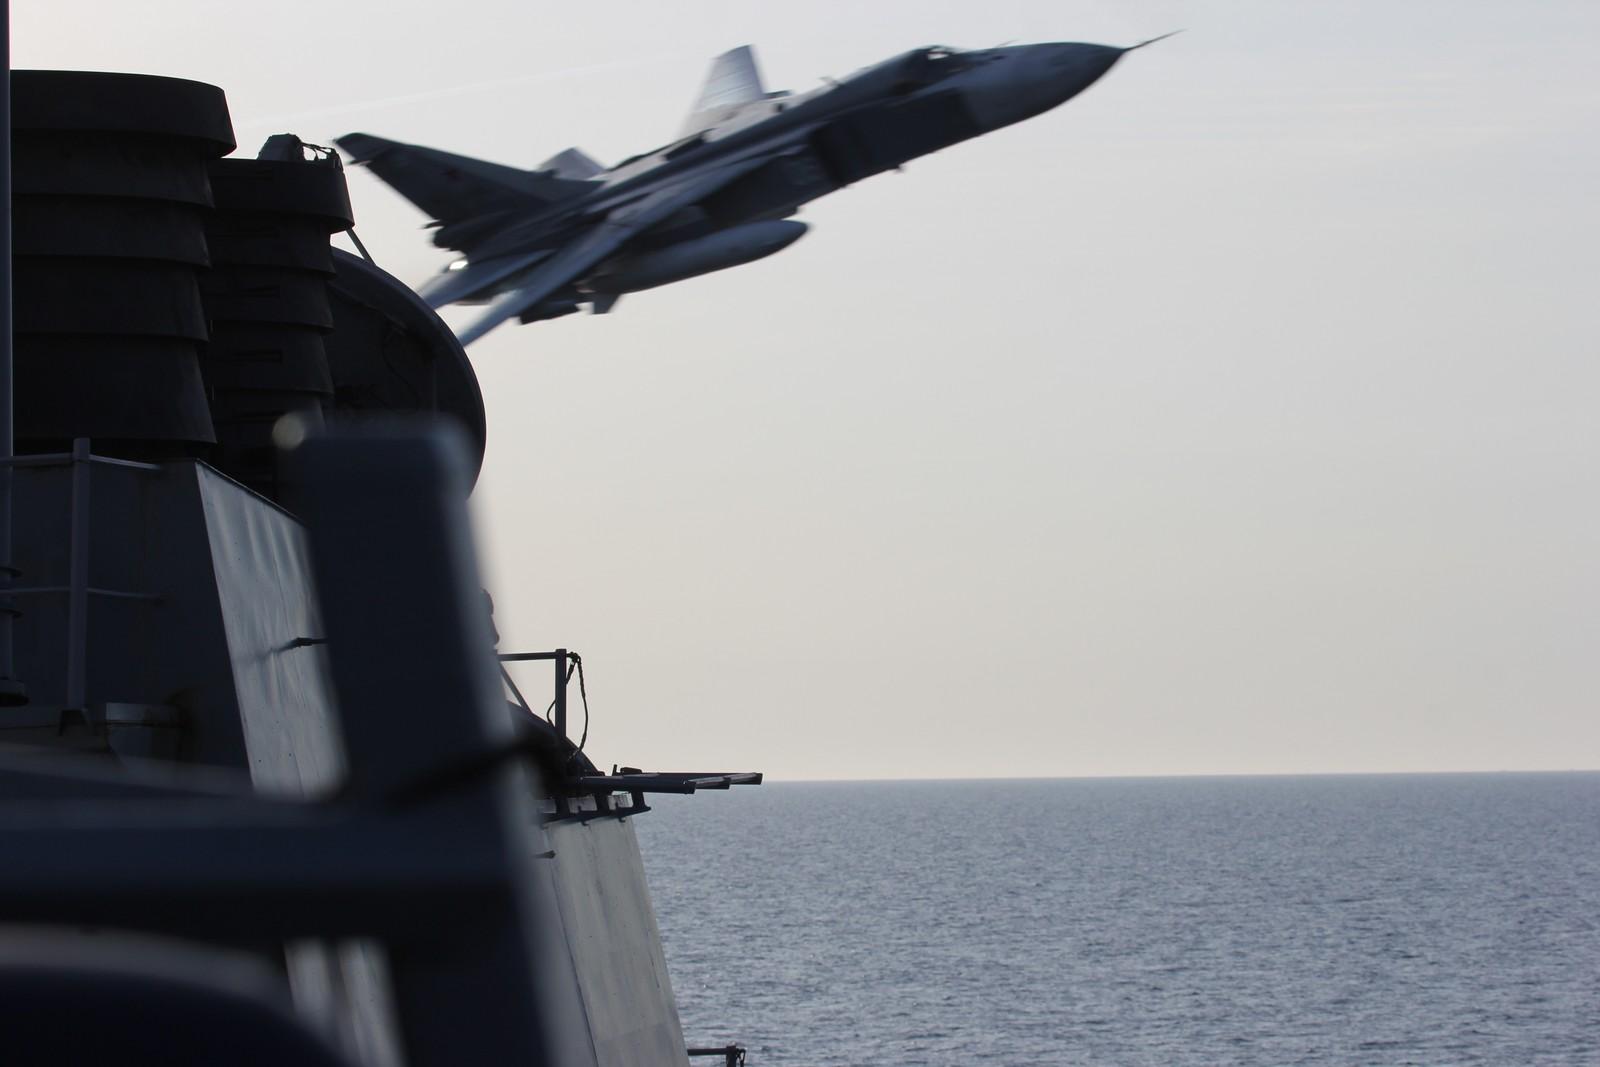 De russiske jagerflyene var bare noen få meter fra det amerikanske skipet.